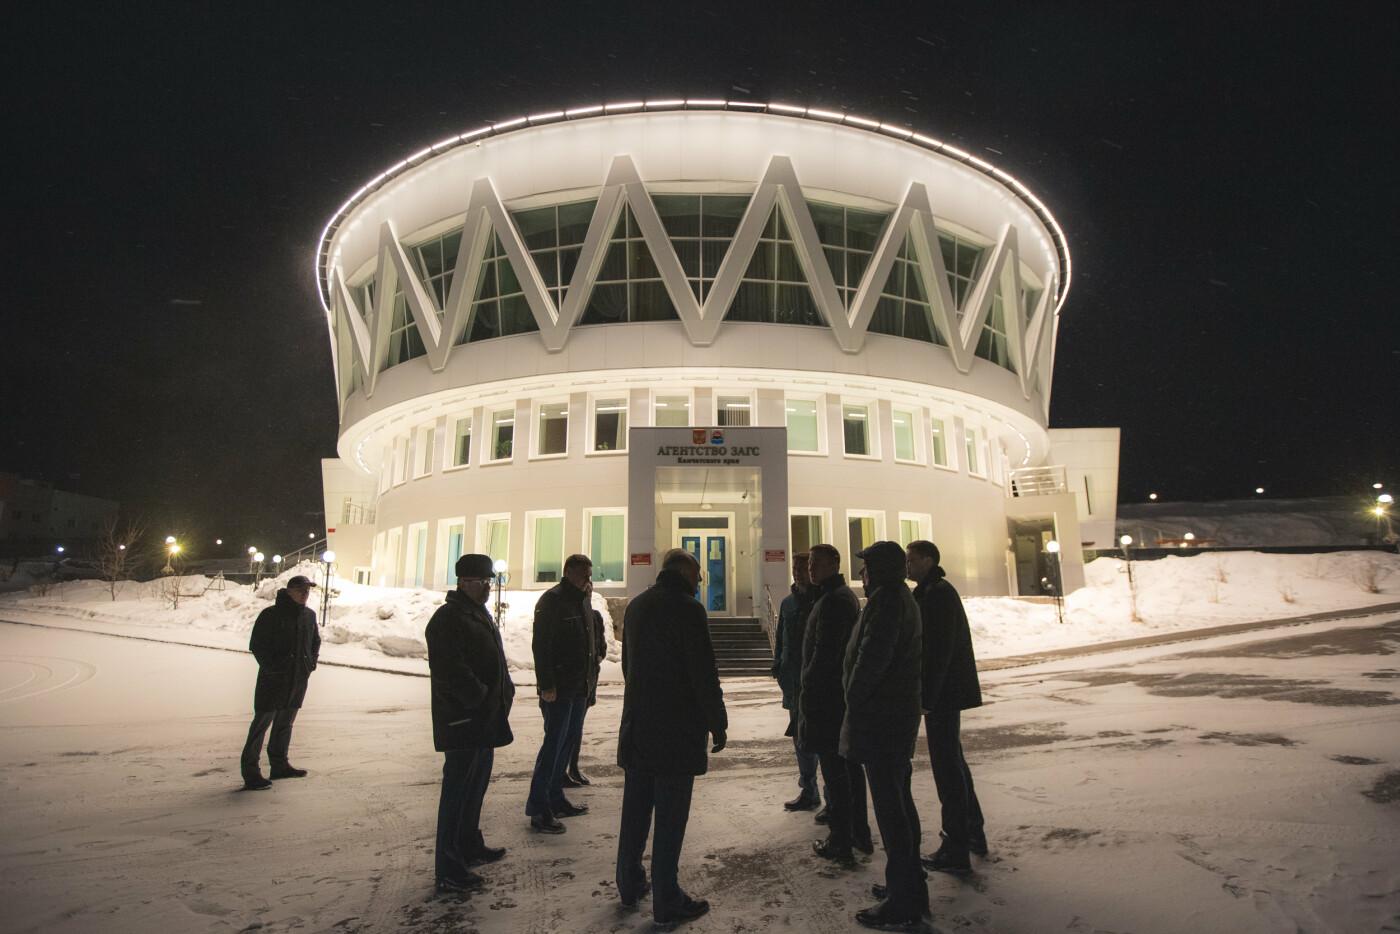 Камчатский Дворец бракосочетаний светится в темноте, фото-1